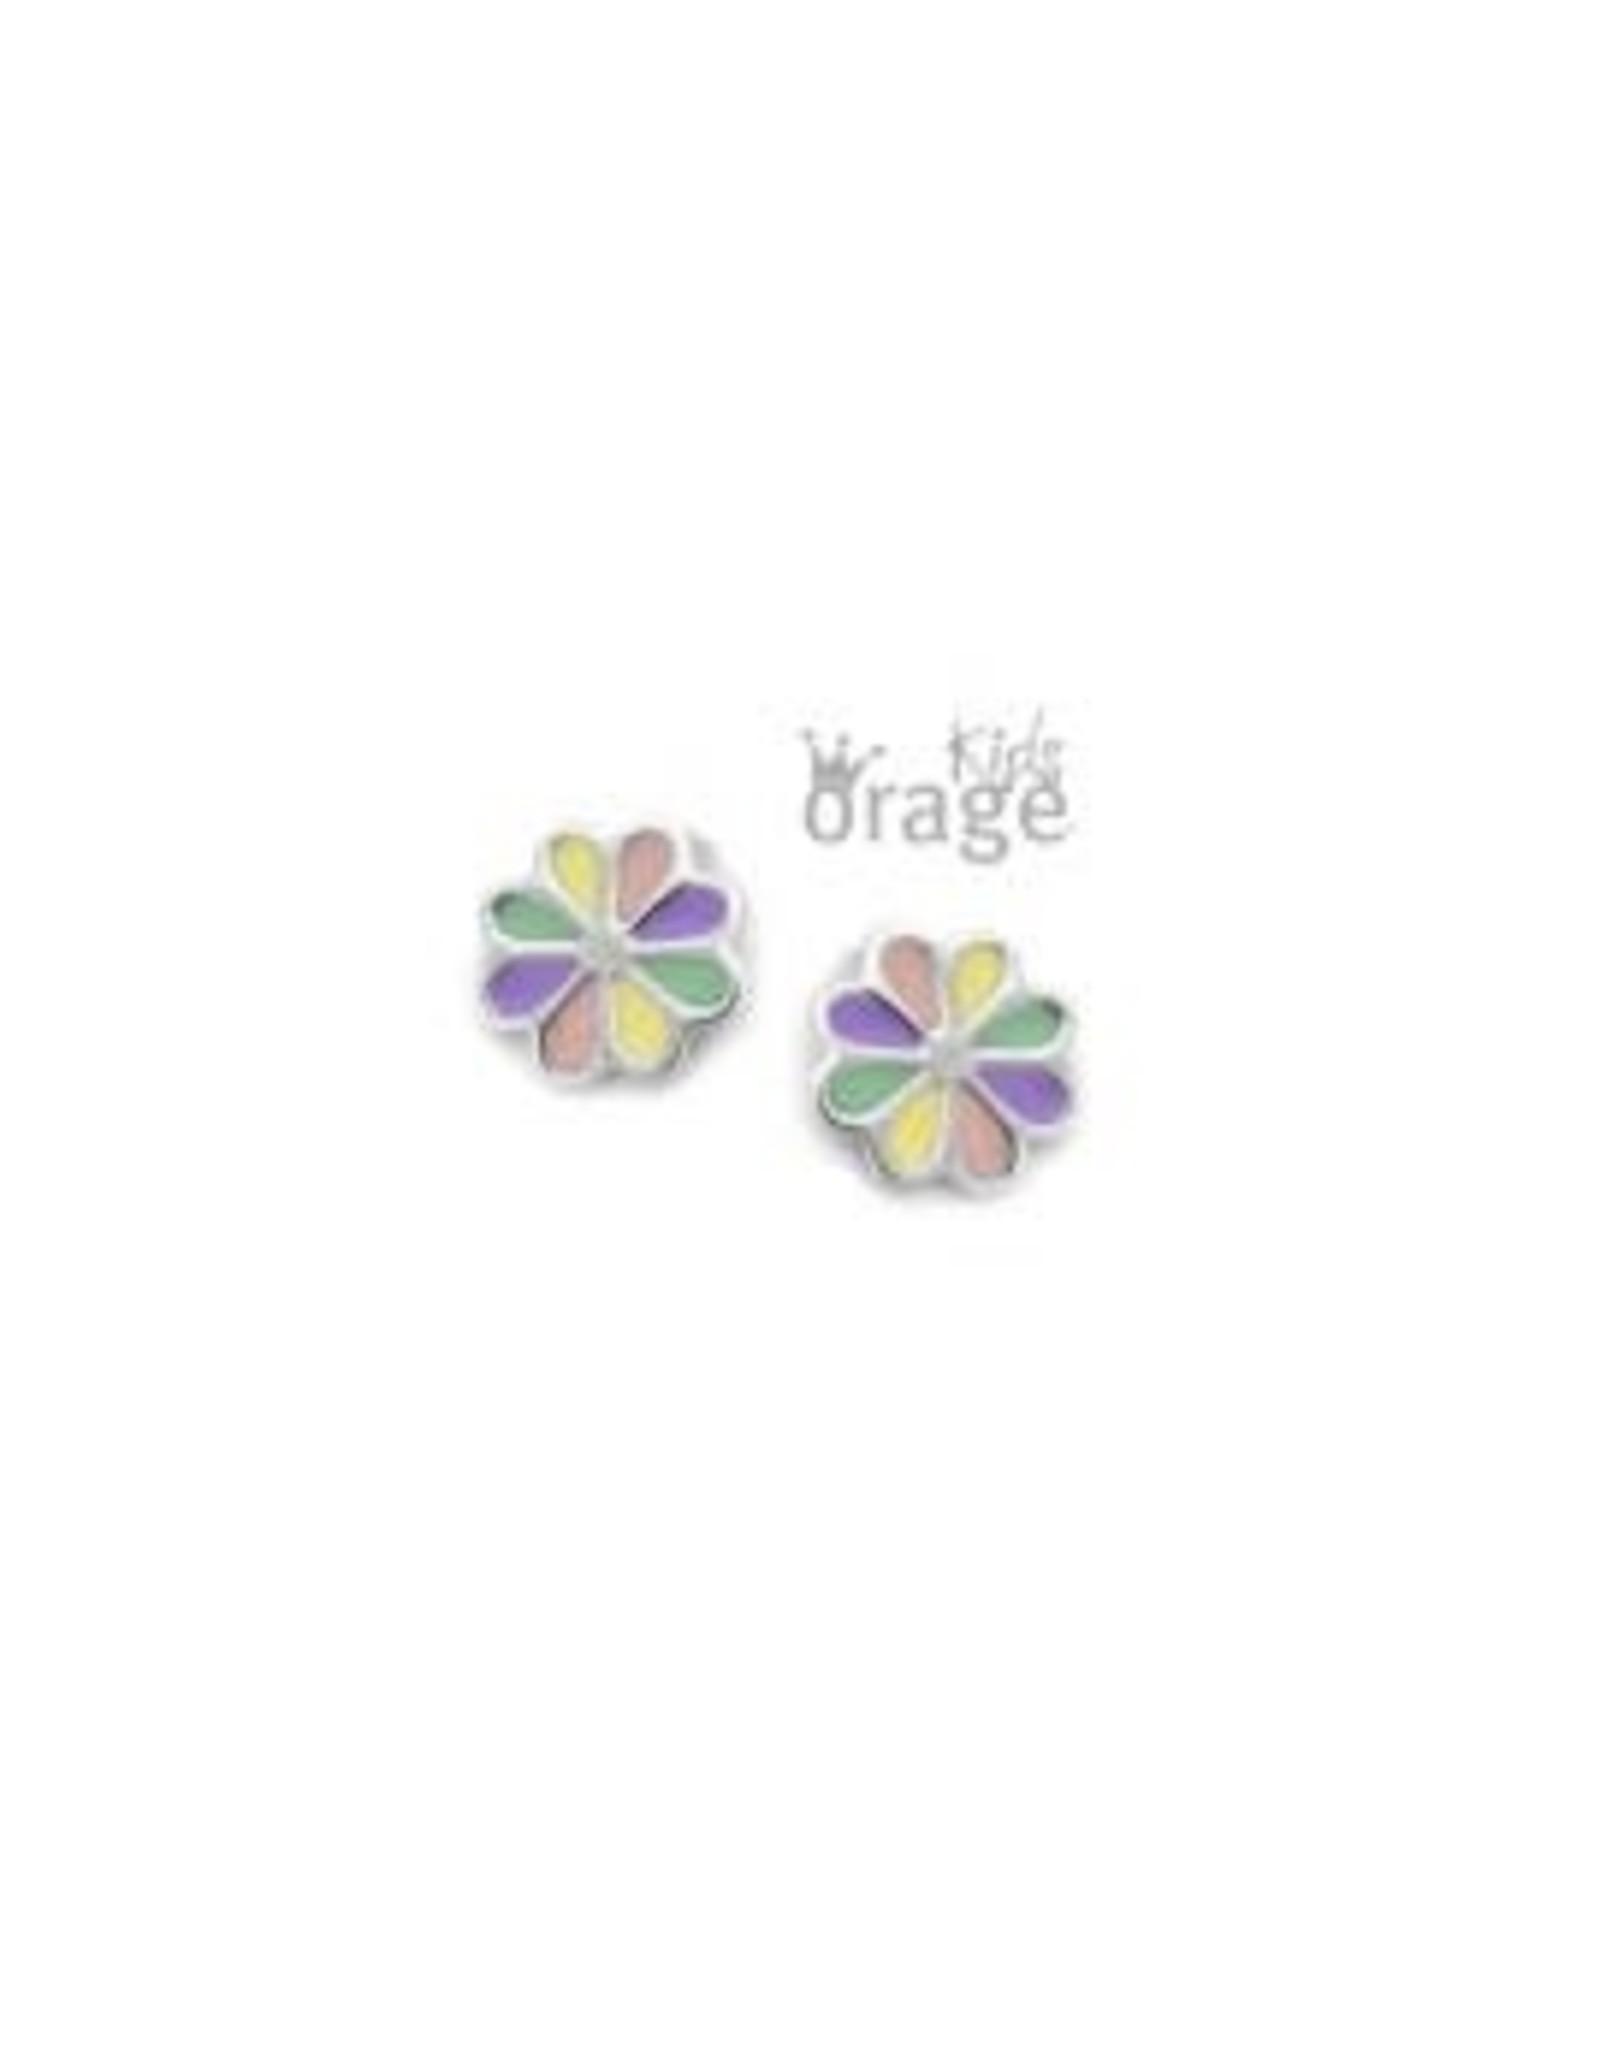 Orage Kids Oorbellen Orage Kids K1816 Bloem multi color pastel Zilver